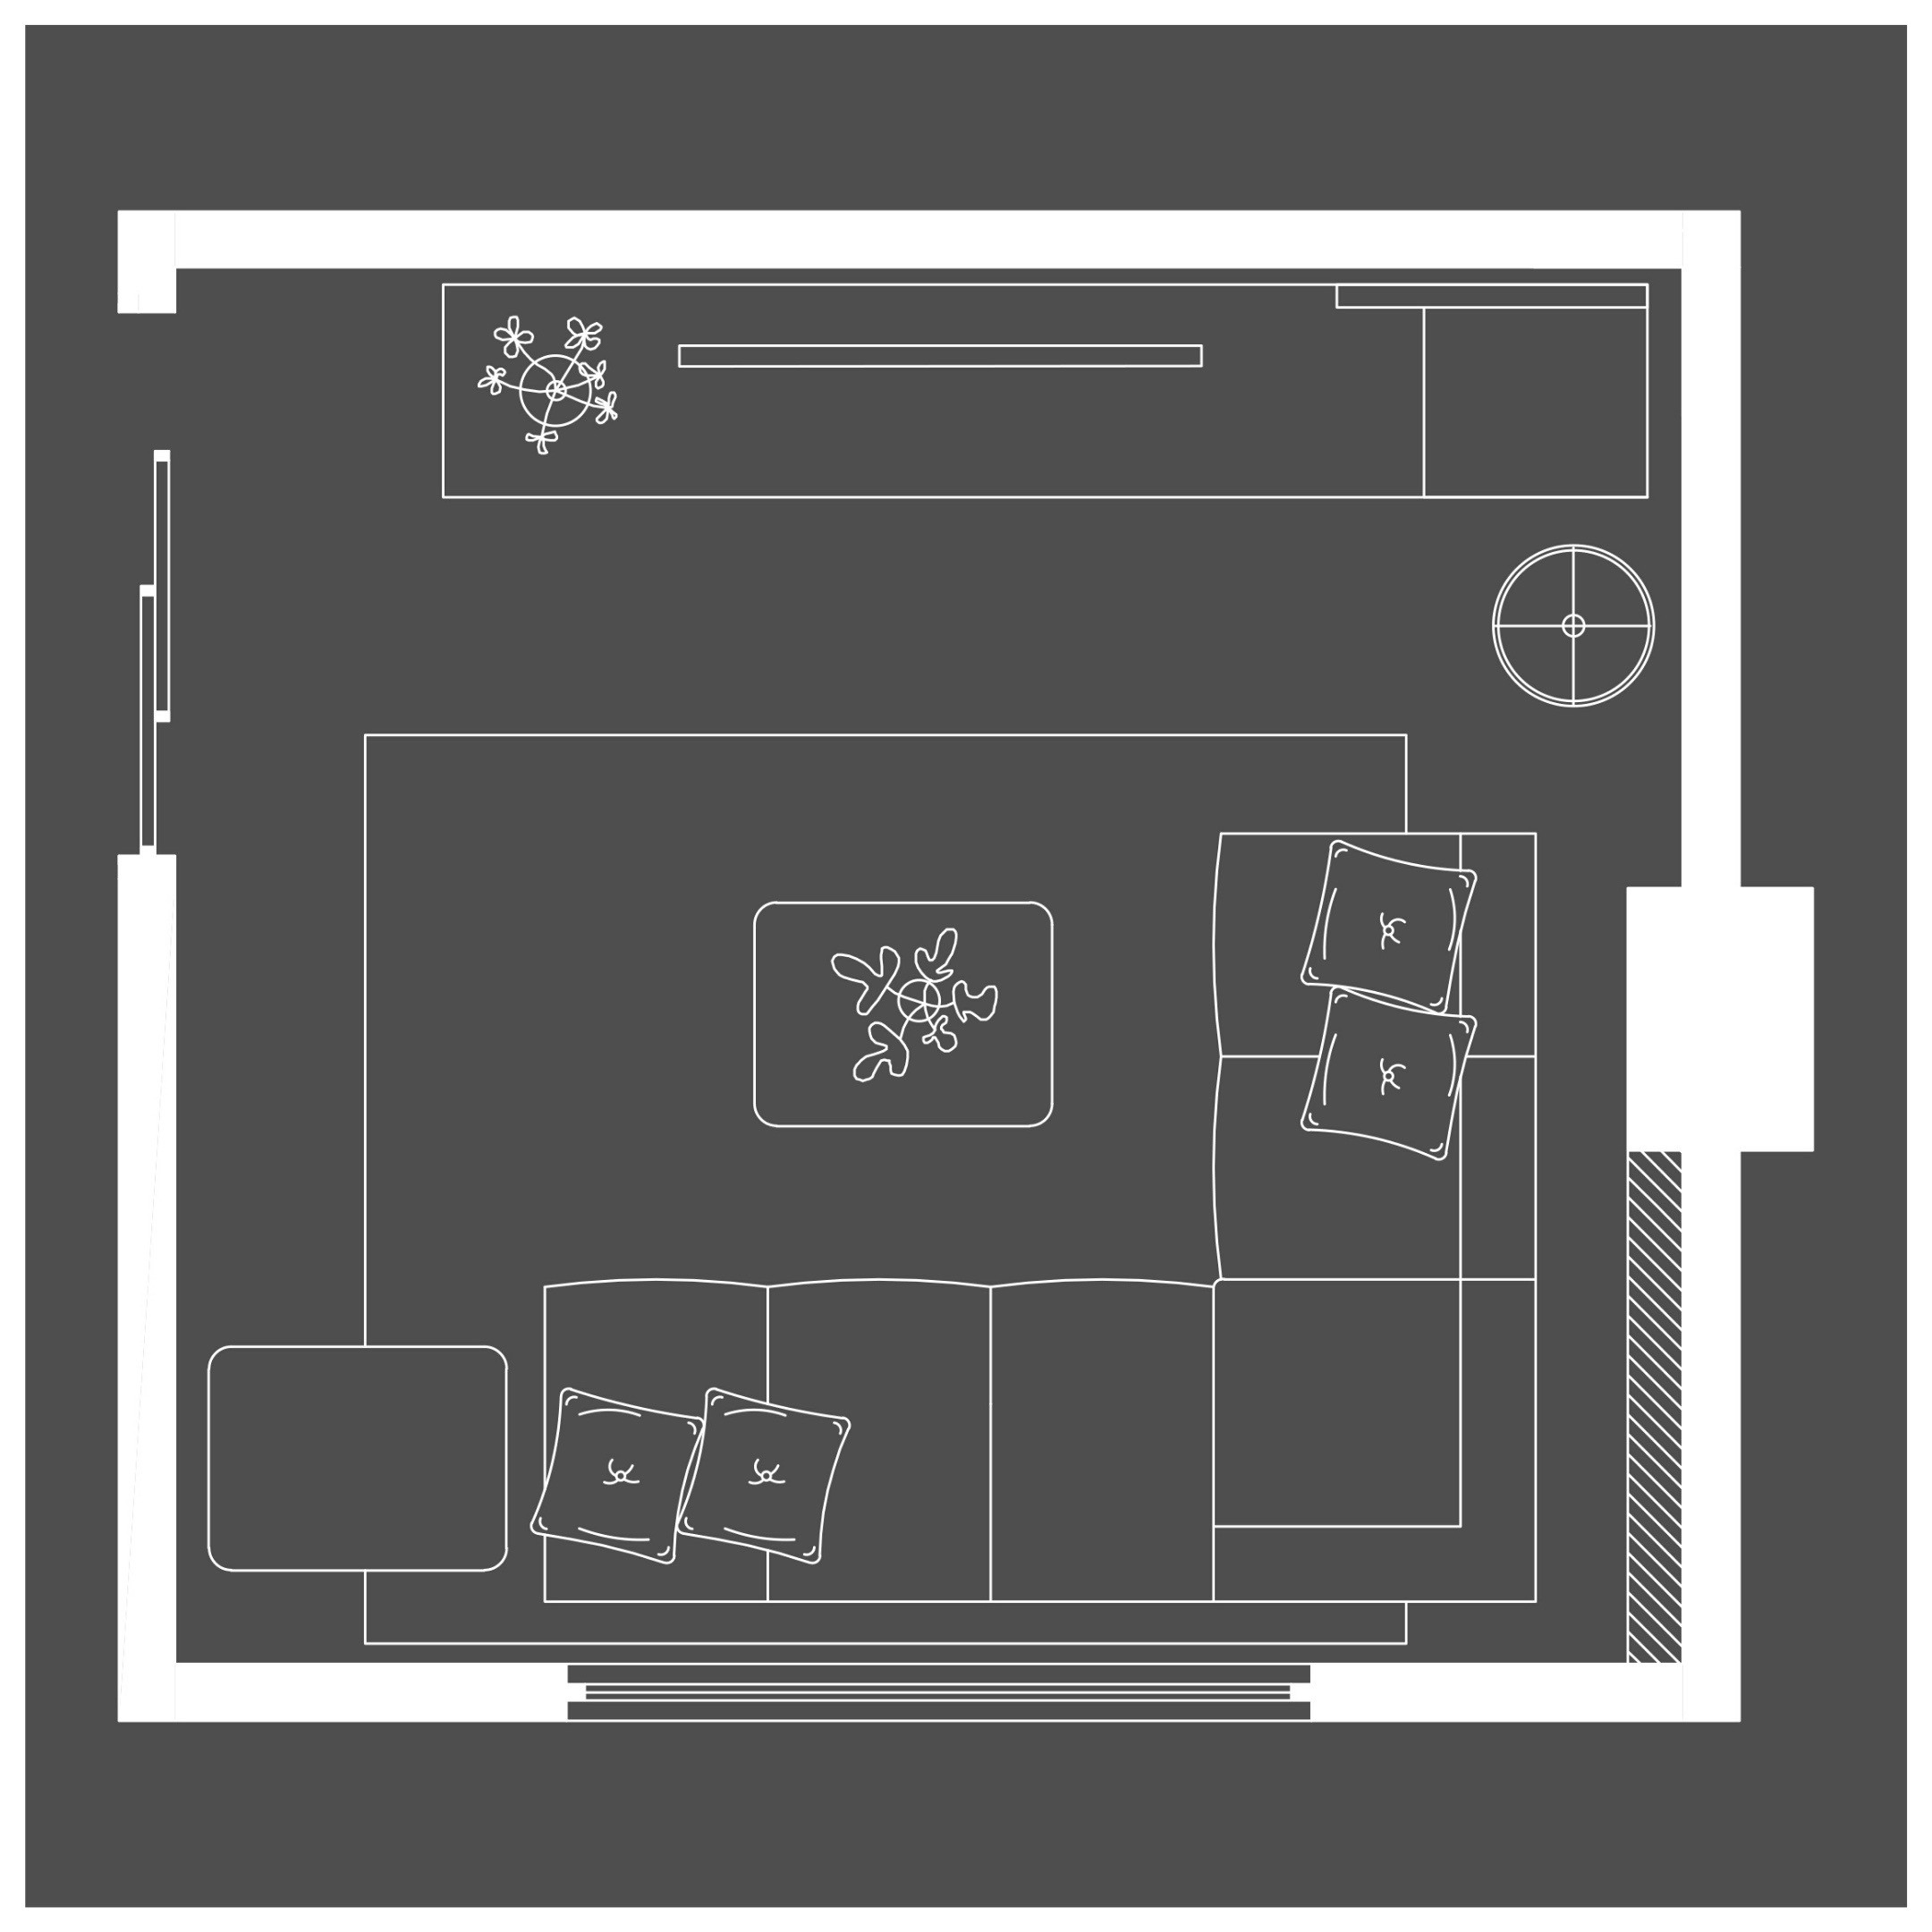 Realización de planos y distribución